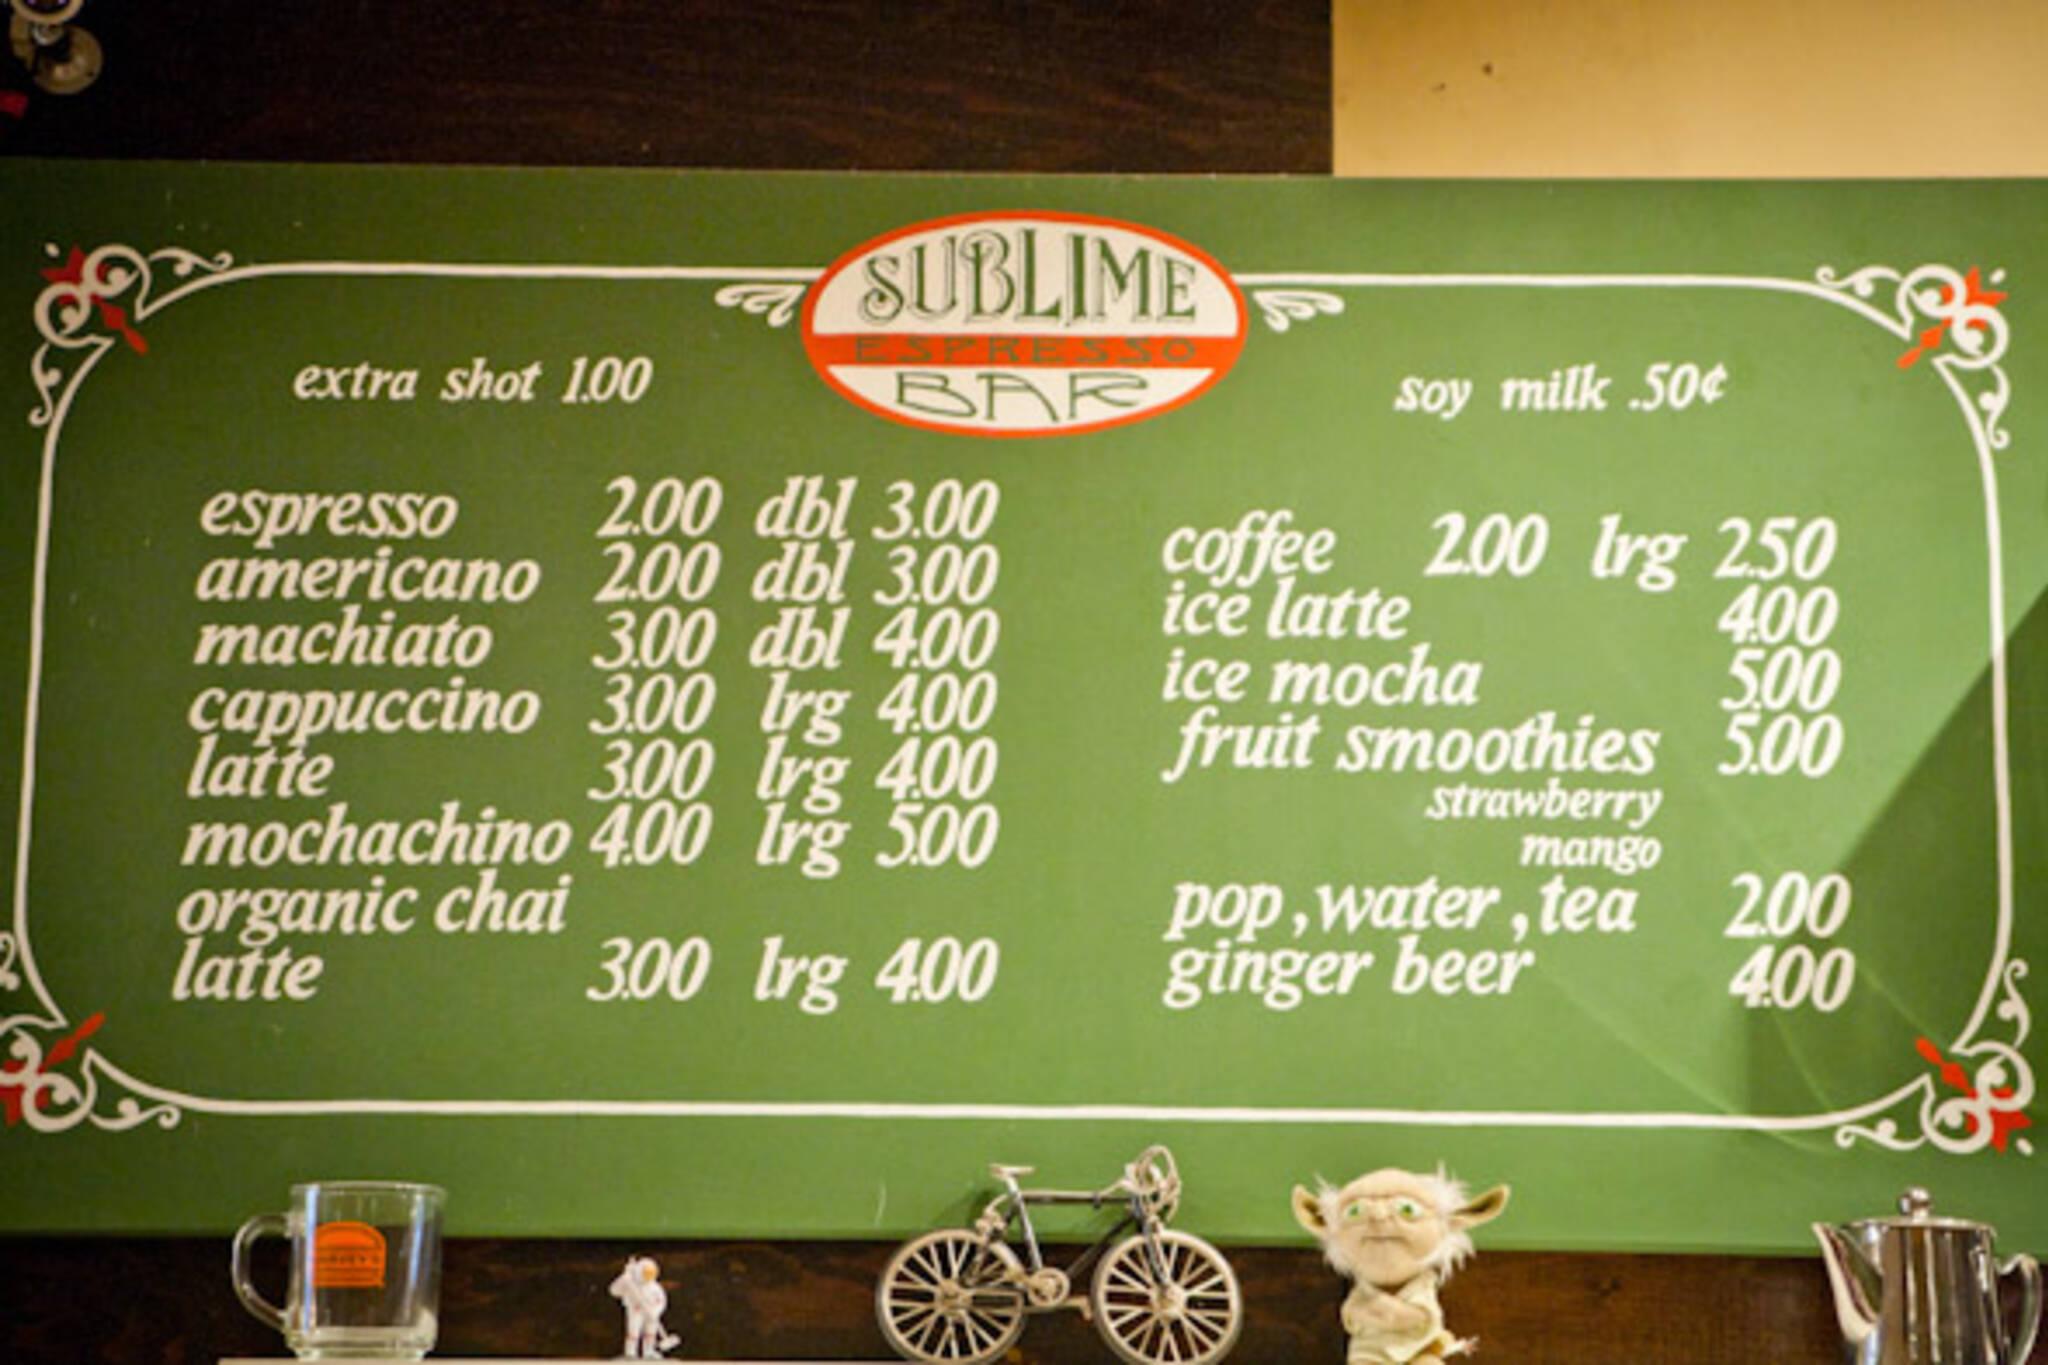 Sublime Cafe Toronto